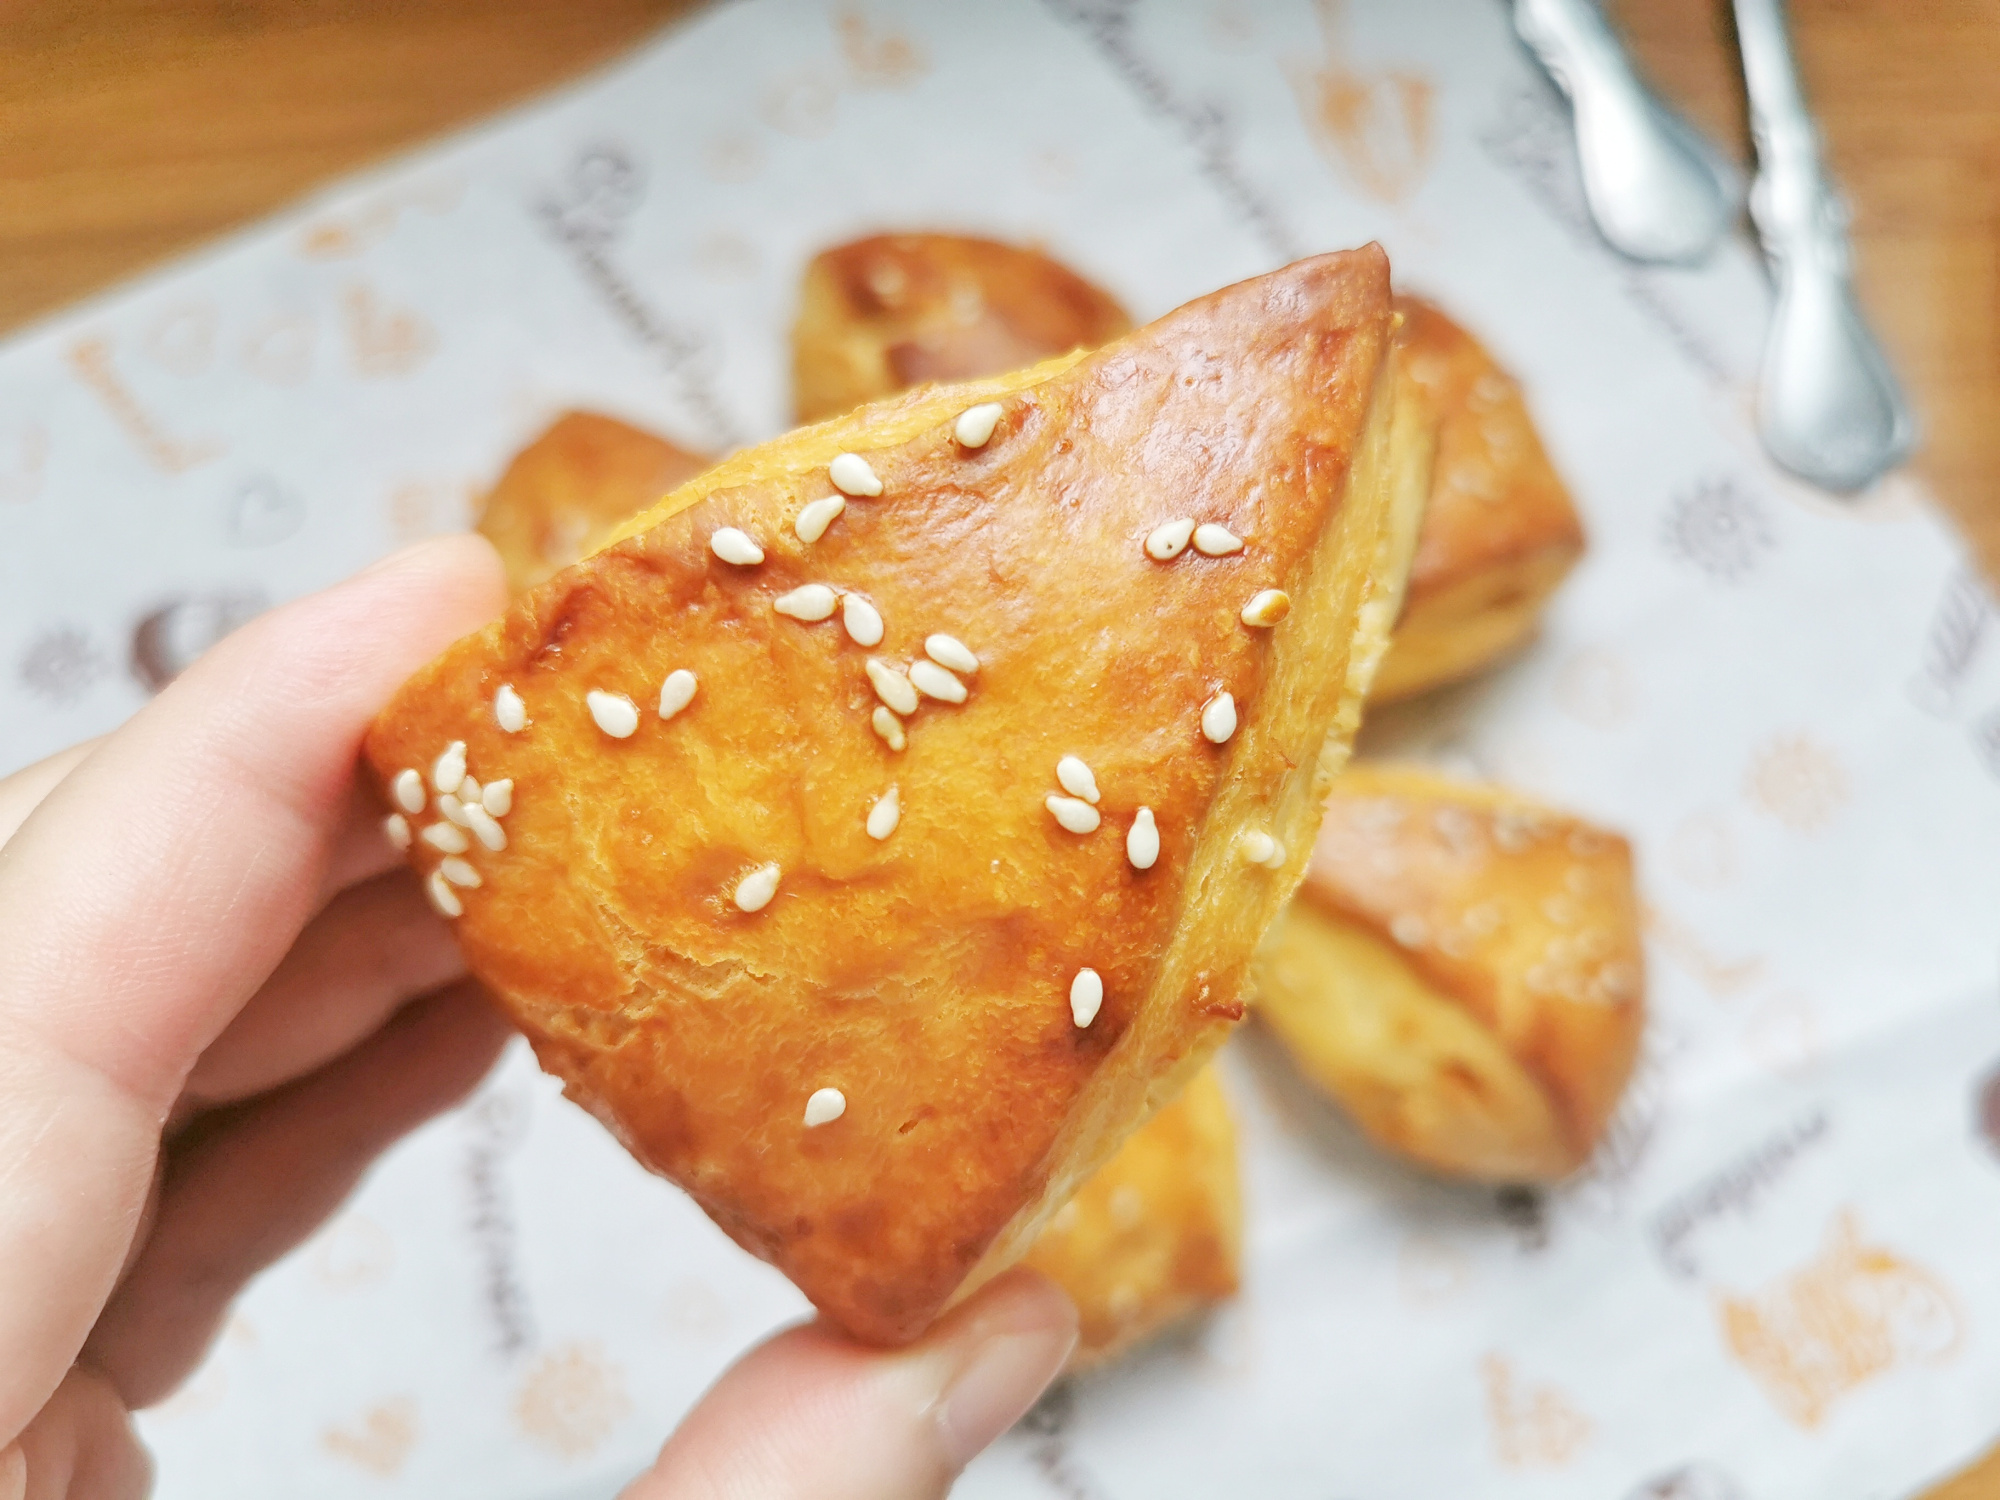 早餐不知道吃什么?试试这道零难度司康饼,外酥里软,孩子特爱吃